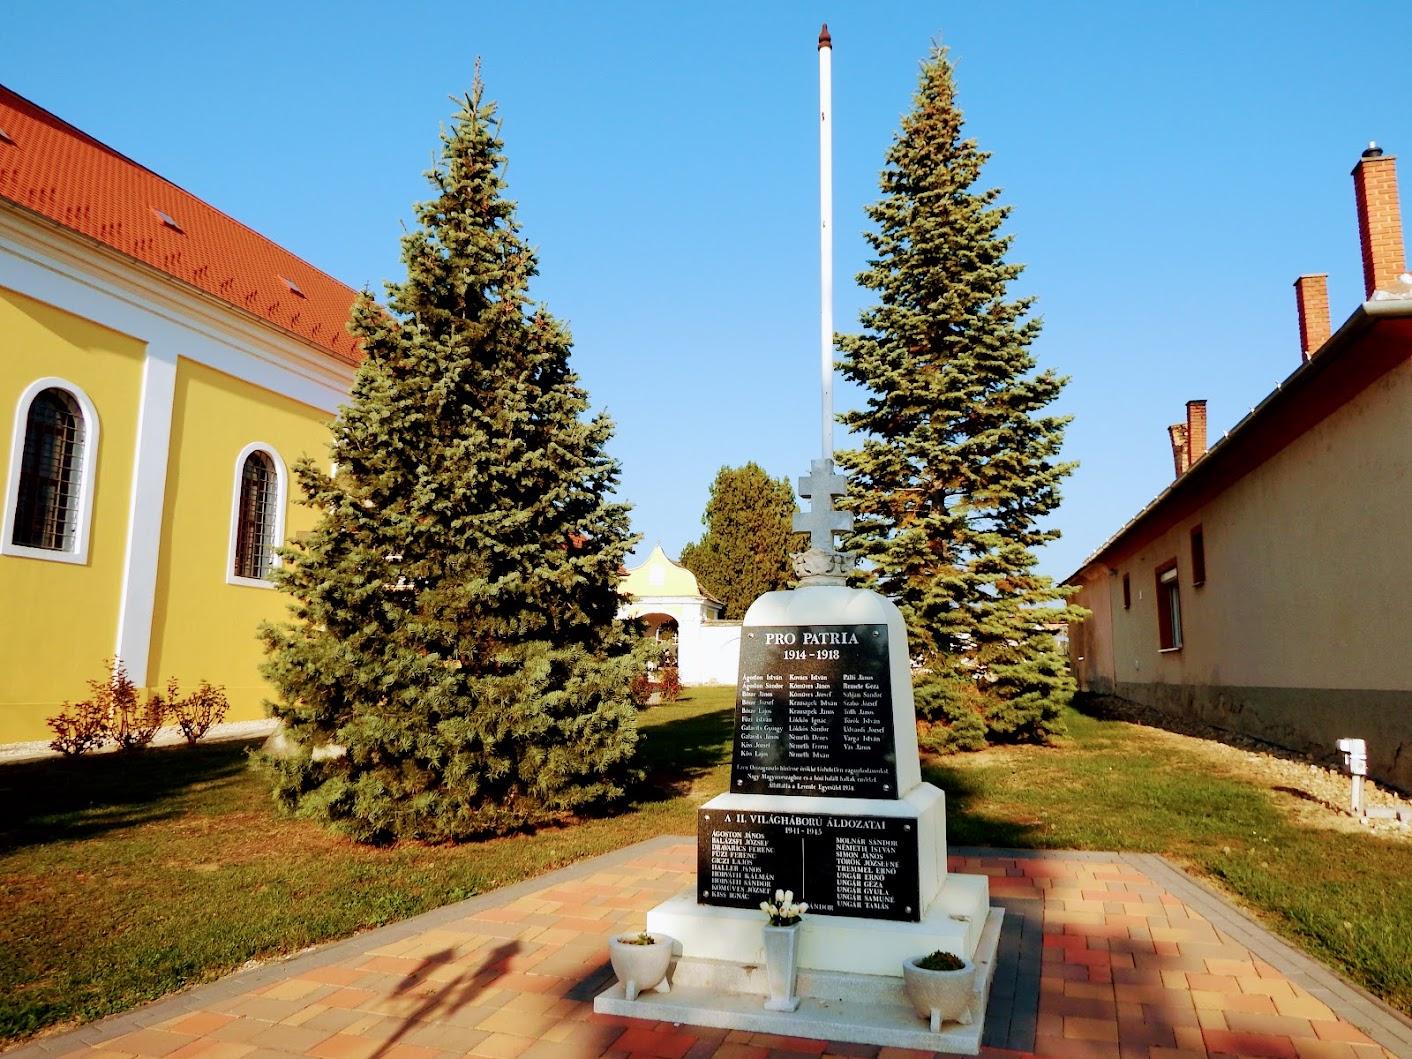 Simaság - I. és II. világháborús emlékmű és Országzászló